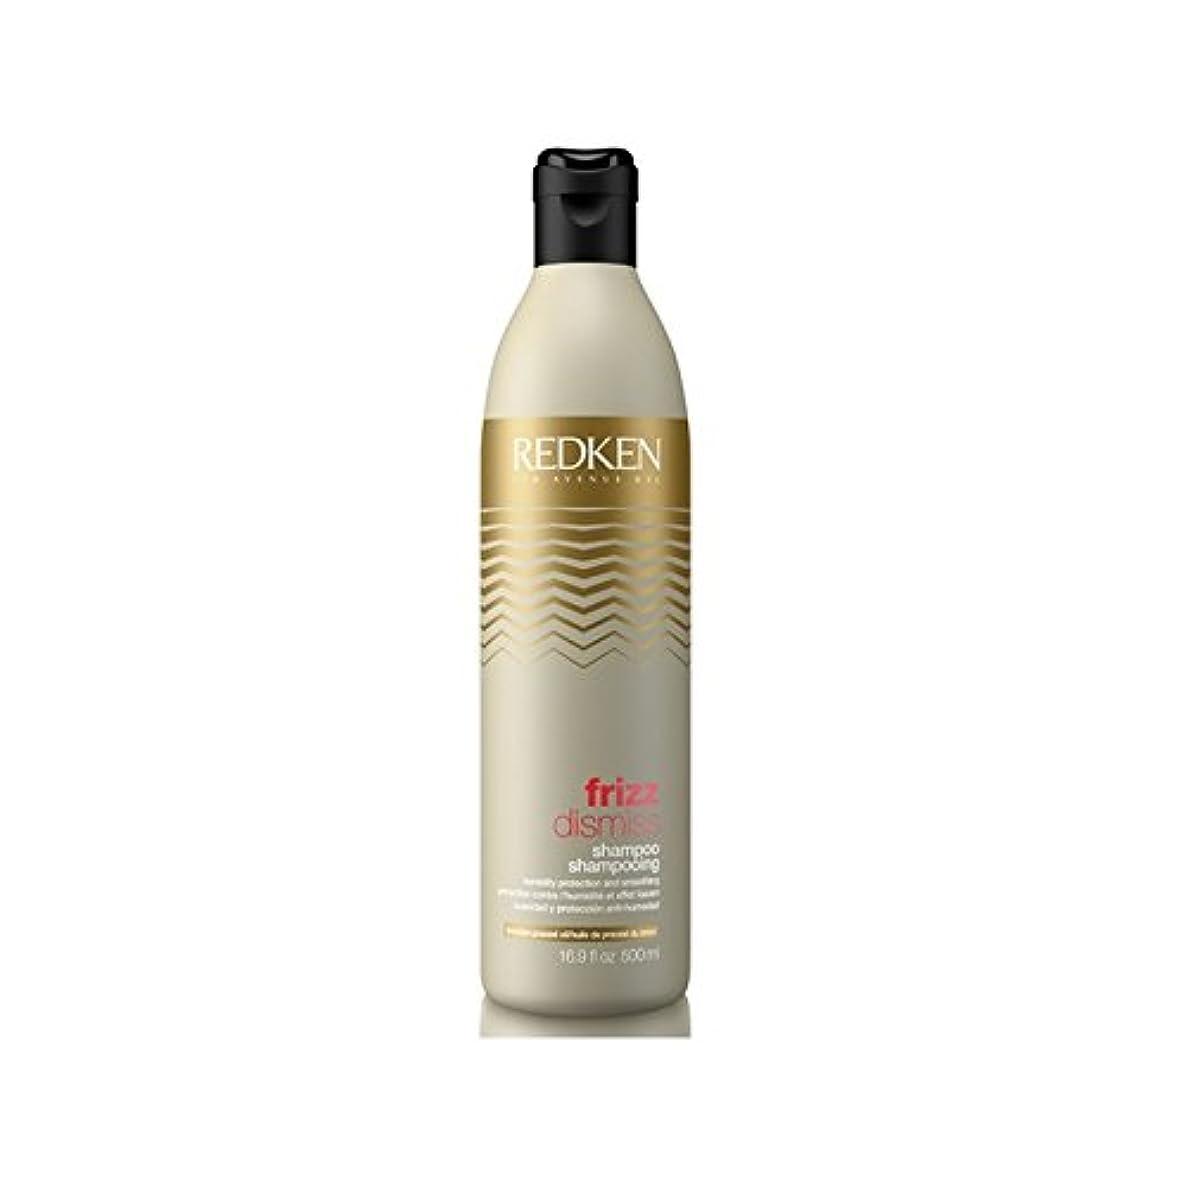 通知する宗教的なあごひげレッドケンの縮れシャンプー500ミリリットルを解任 x2 - Redken Frizz Dismiss Shampoo 500ml (Pack of 2) [並行輸入品]